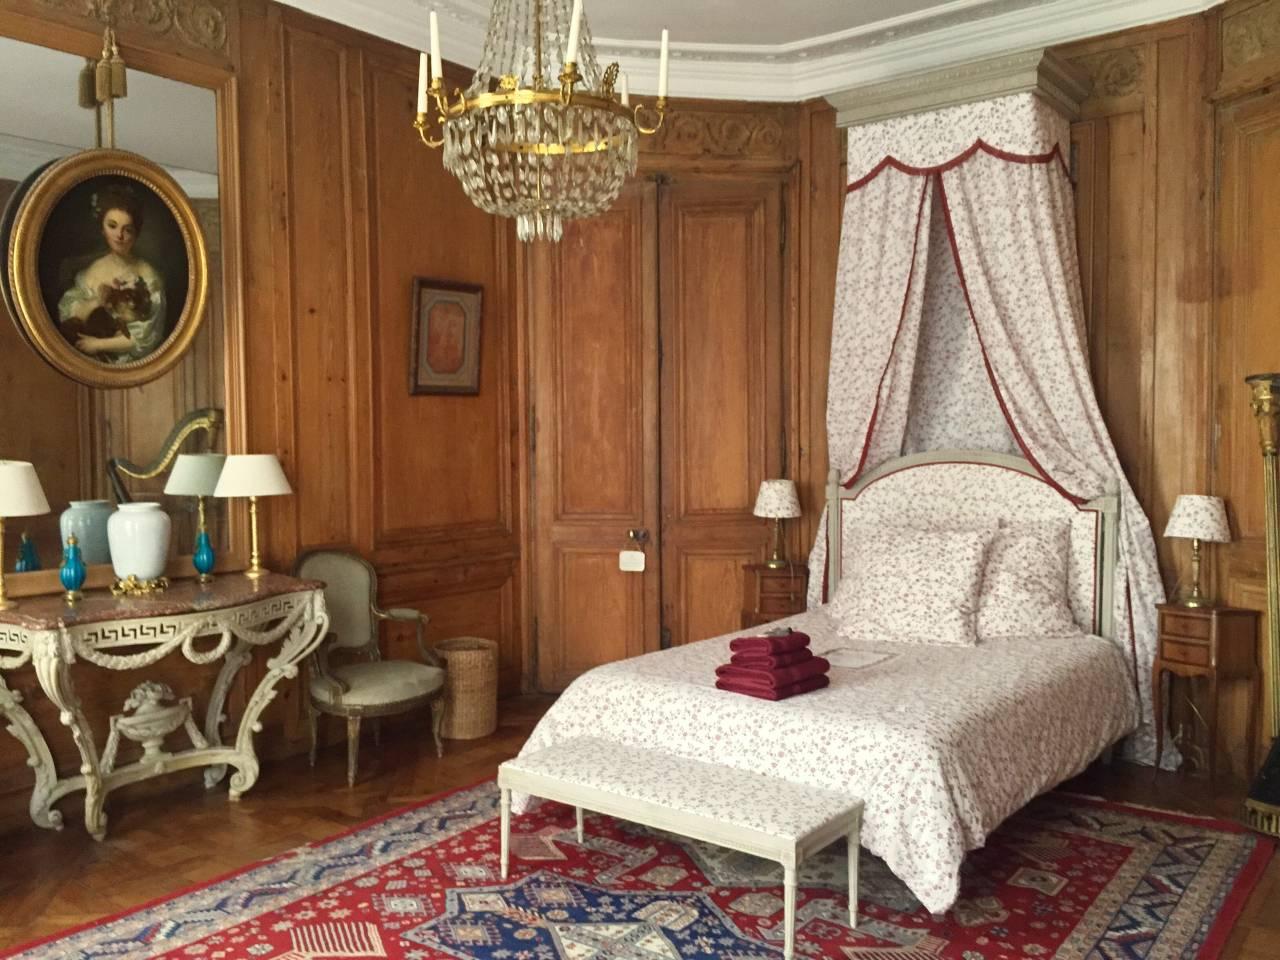 bedroom with chandelier in Paris